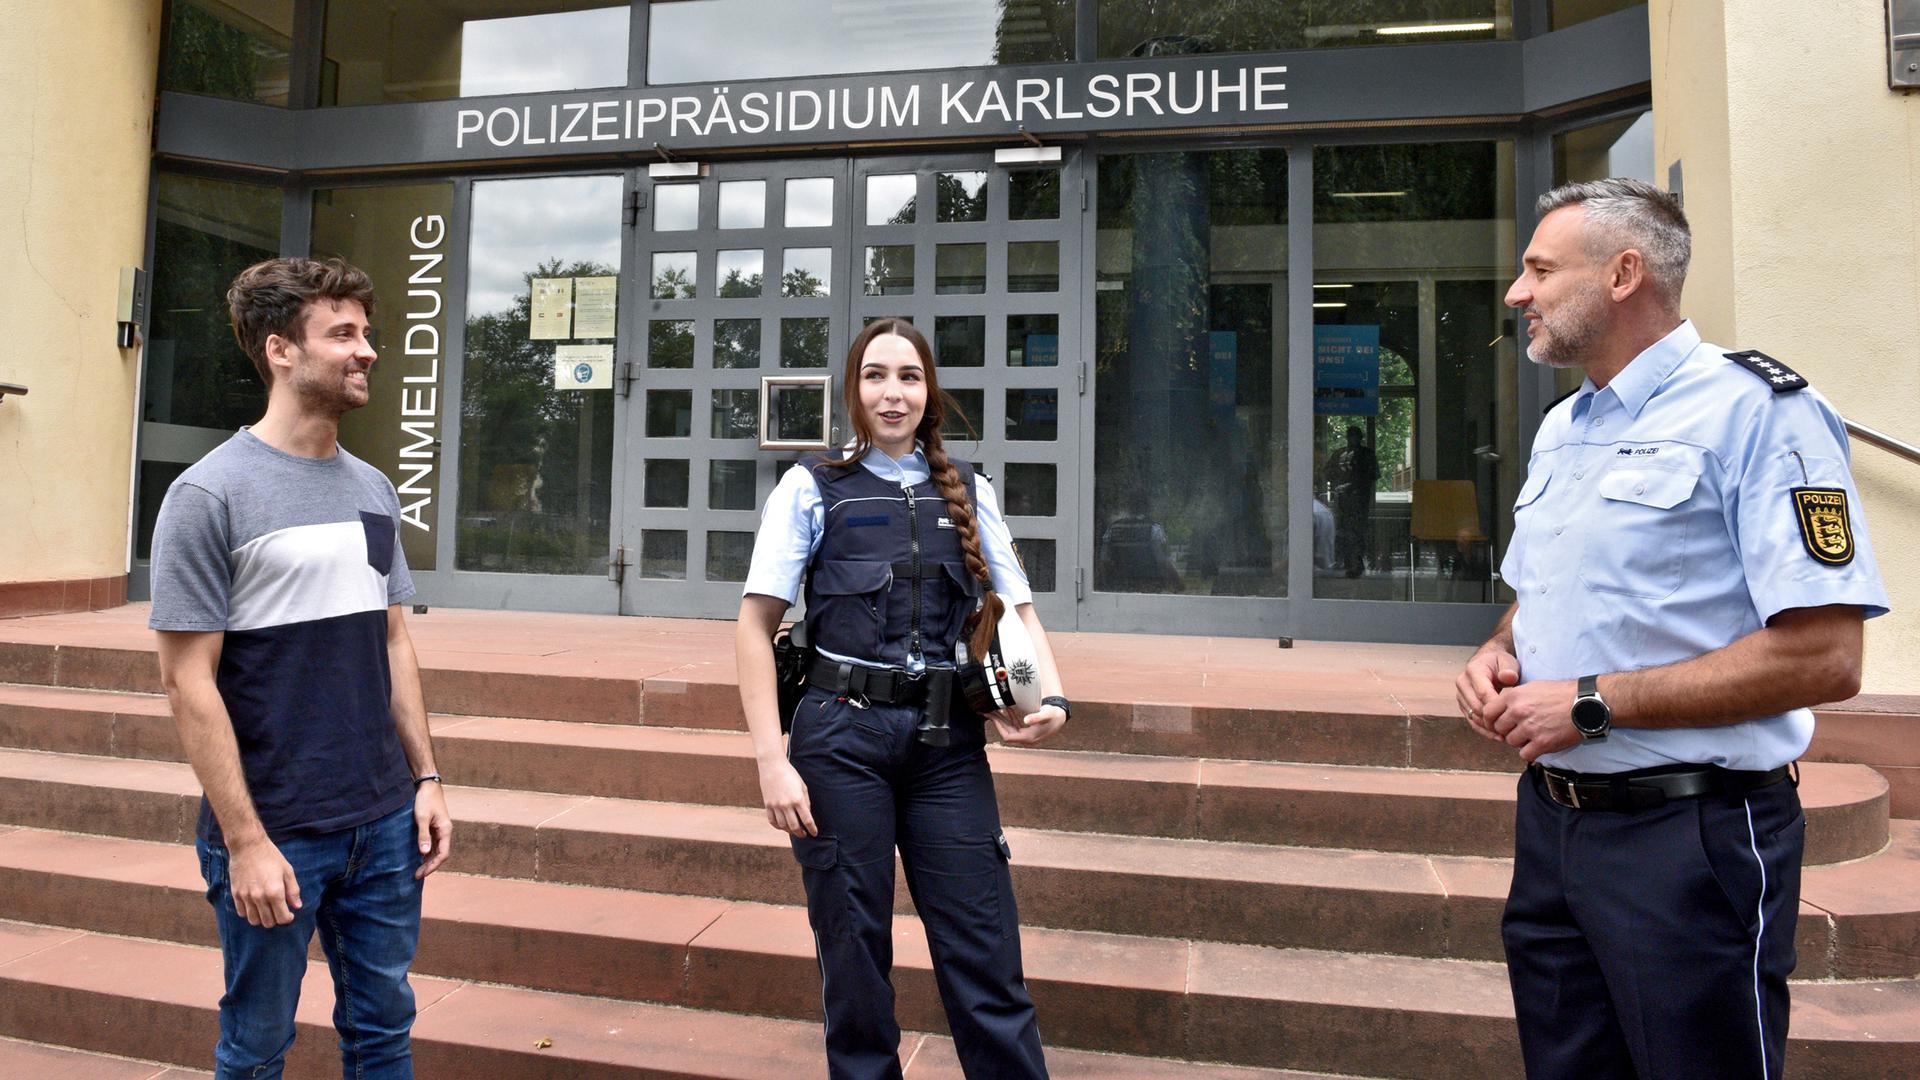 Nachwuchskräfte werden auch im Polizeipräsidium Karlsruhe gebraucht: Sebastian Bonning (links) und Clara Menke sind Polizeianwärter. Menschen wie sie will Jürgen Schöfer (rechts) für den Beruf begeistern. Das Corona-Jahr hat ihm das erschwert.